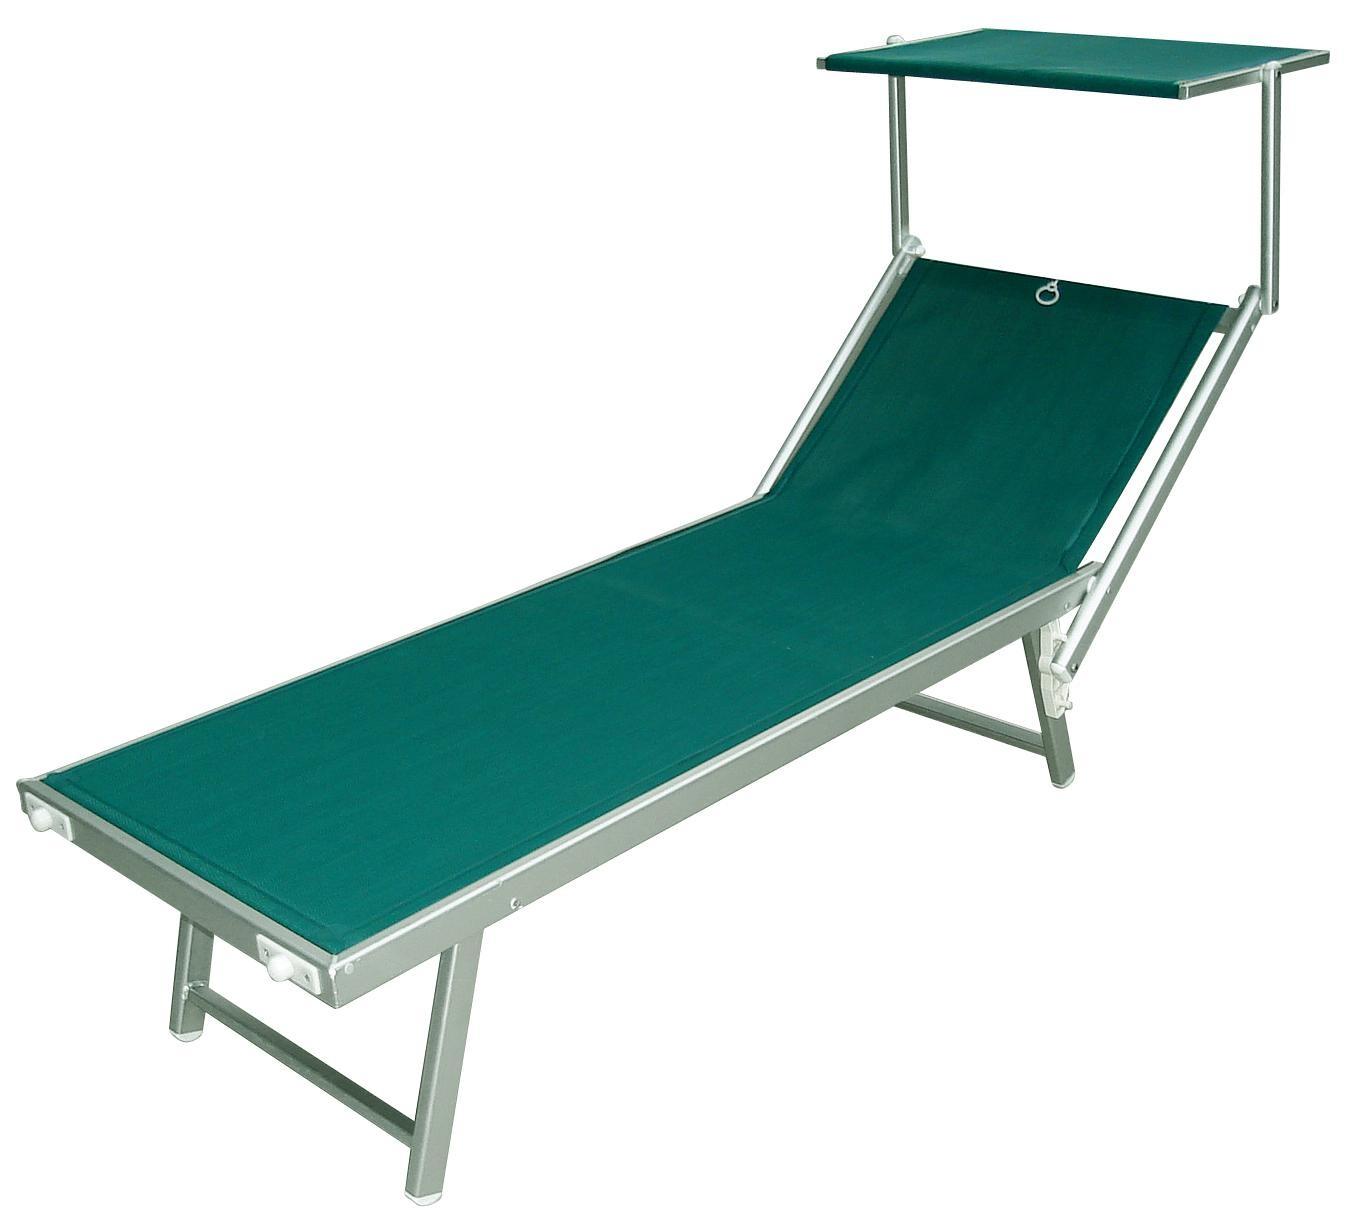 Lettini Da Spiaggia Alluminio.Lettino Sdraio Mare Alluminio Piscina Spiaggia Lido Professionale